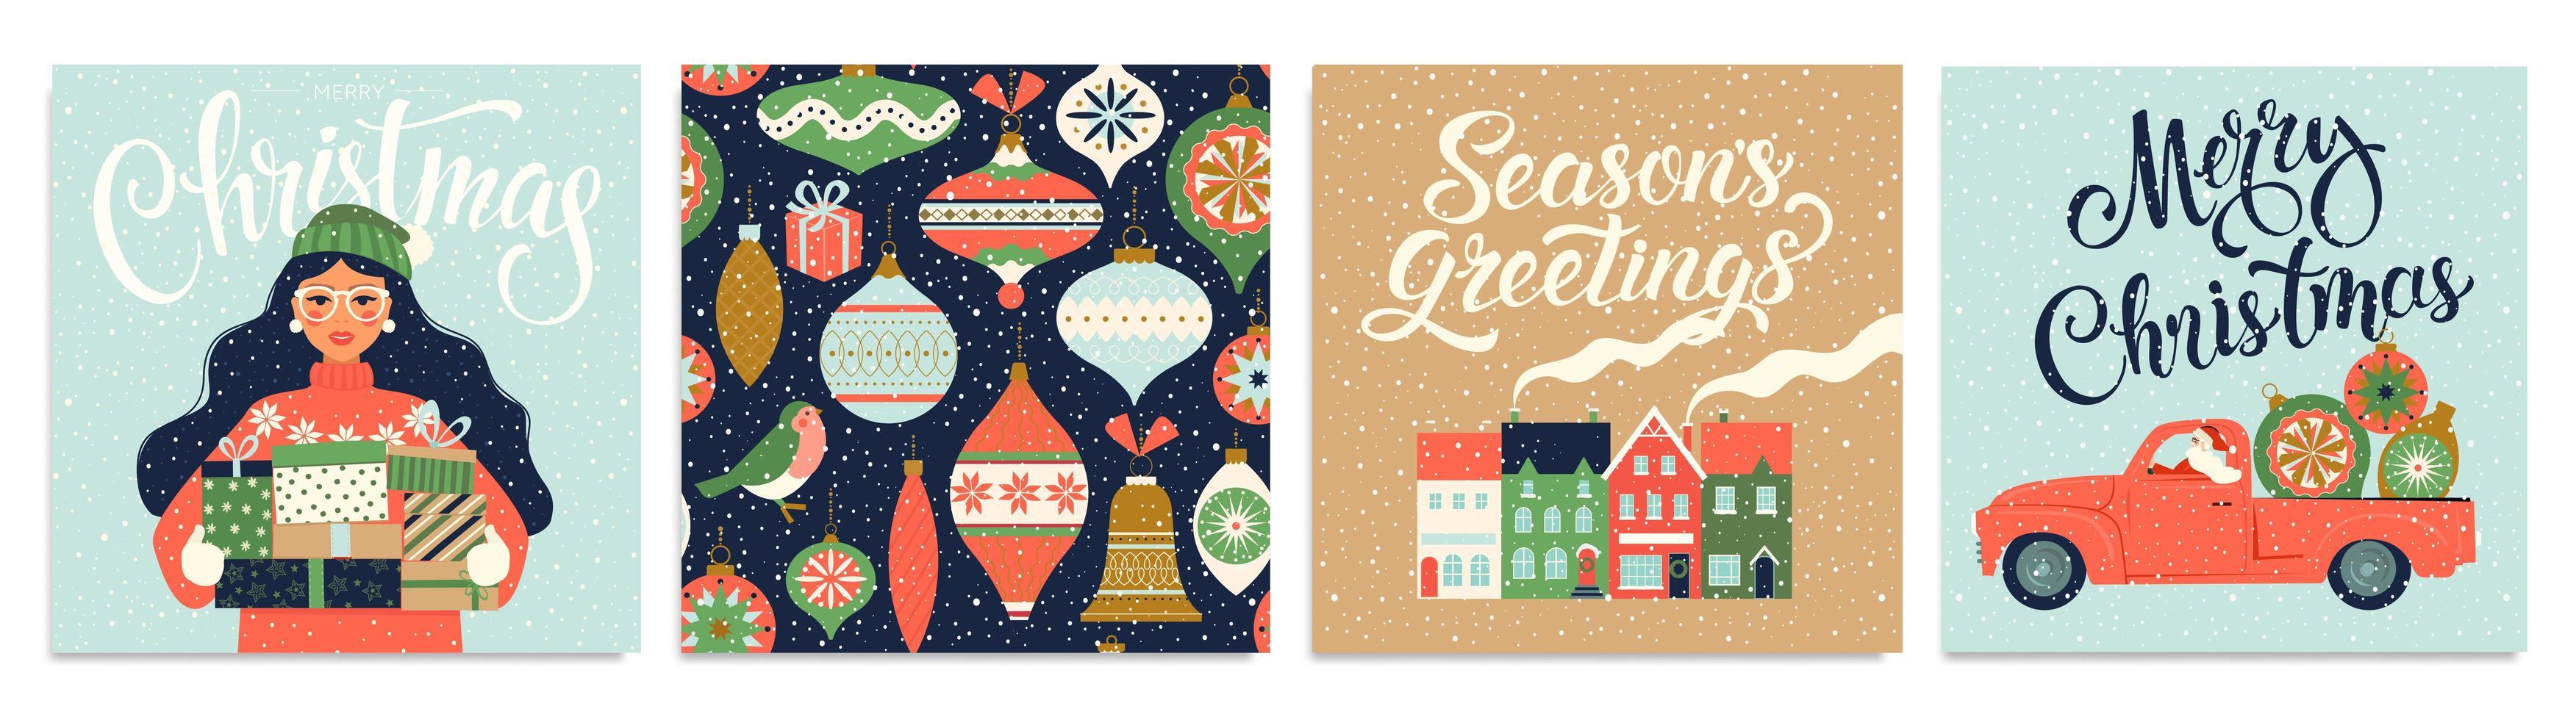 jul och nyårs mall för hälsning scrapbooking, gratulationer, inbjudningar, taggar, klistermärken, vykort. jul affischer set. vektor